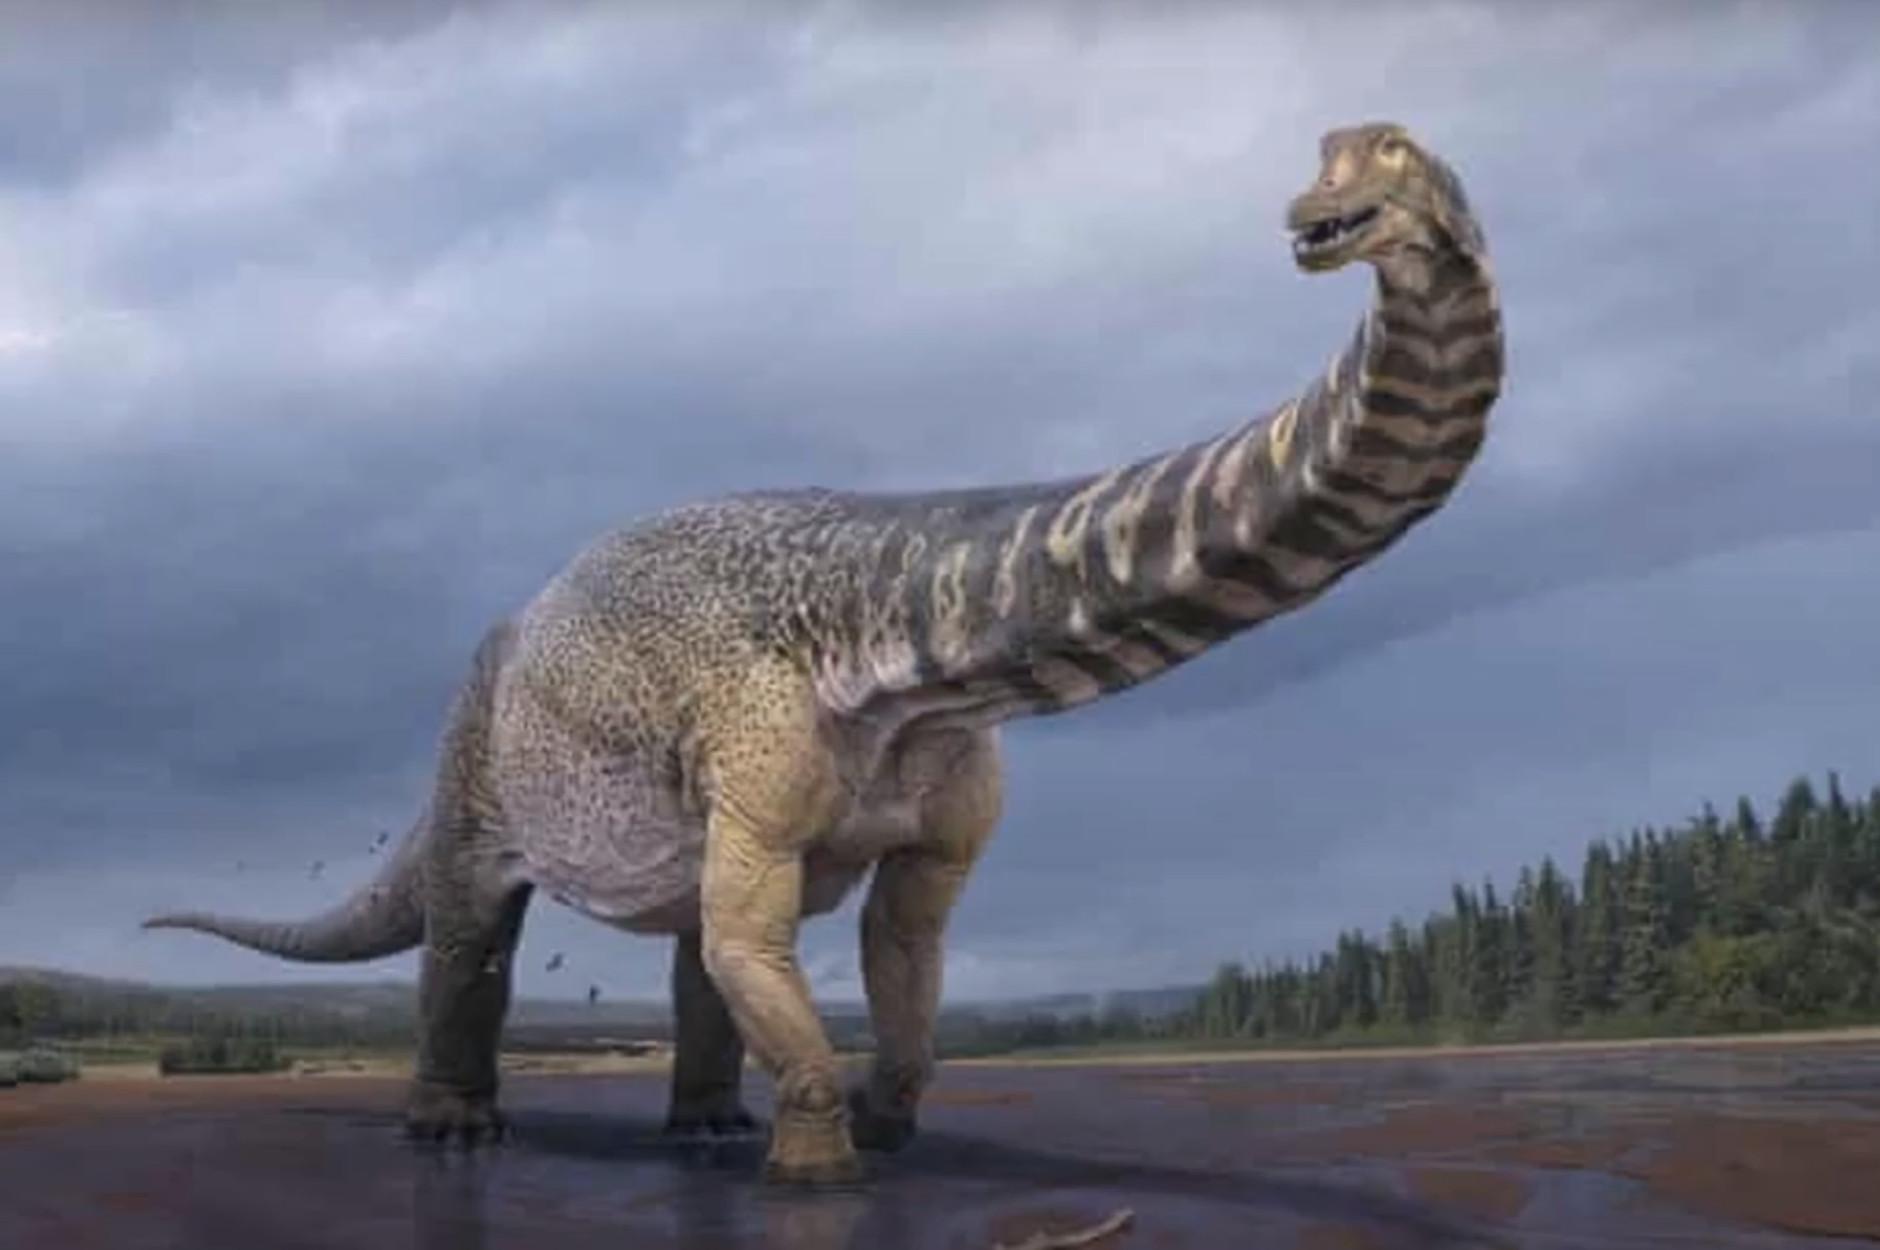 Ανακαλύφθηκε νέος δεινόσαυρος στην Αυστραλία! Είχε μήκος γηπέδου μπάσκετ και ύψος 2 ορόφων (video)